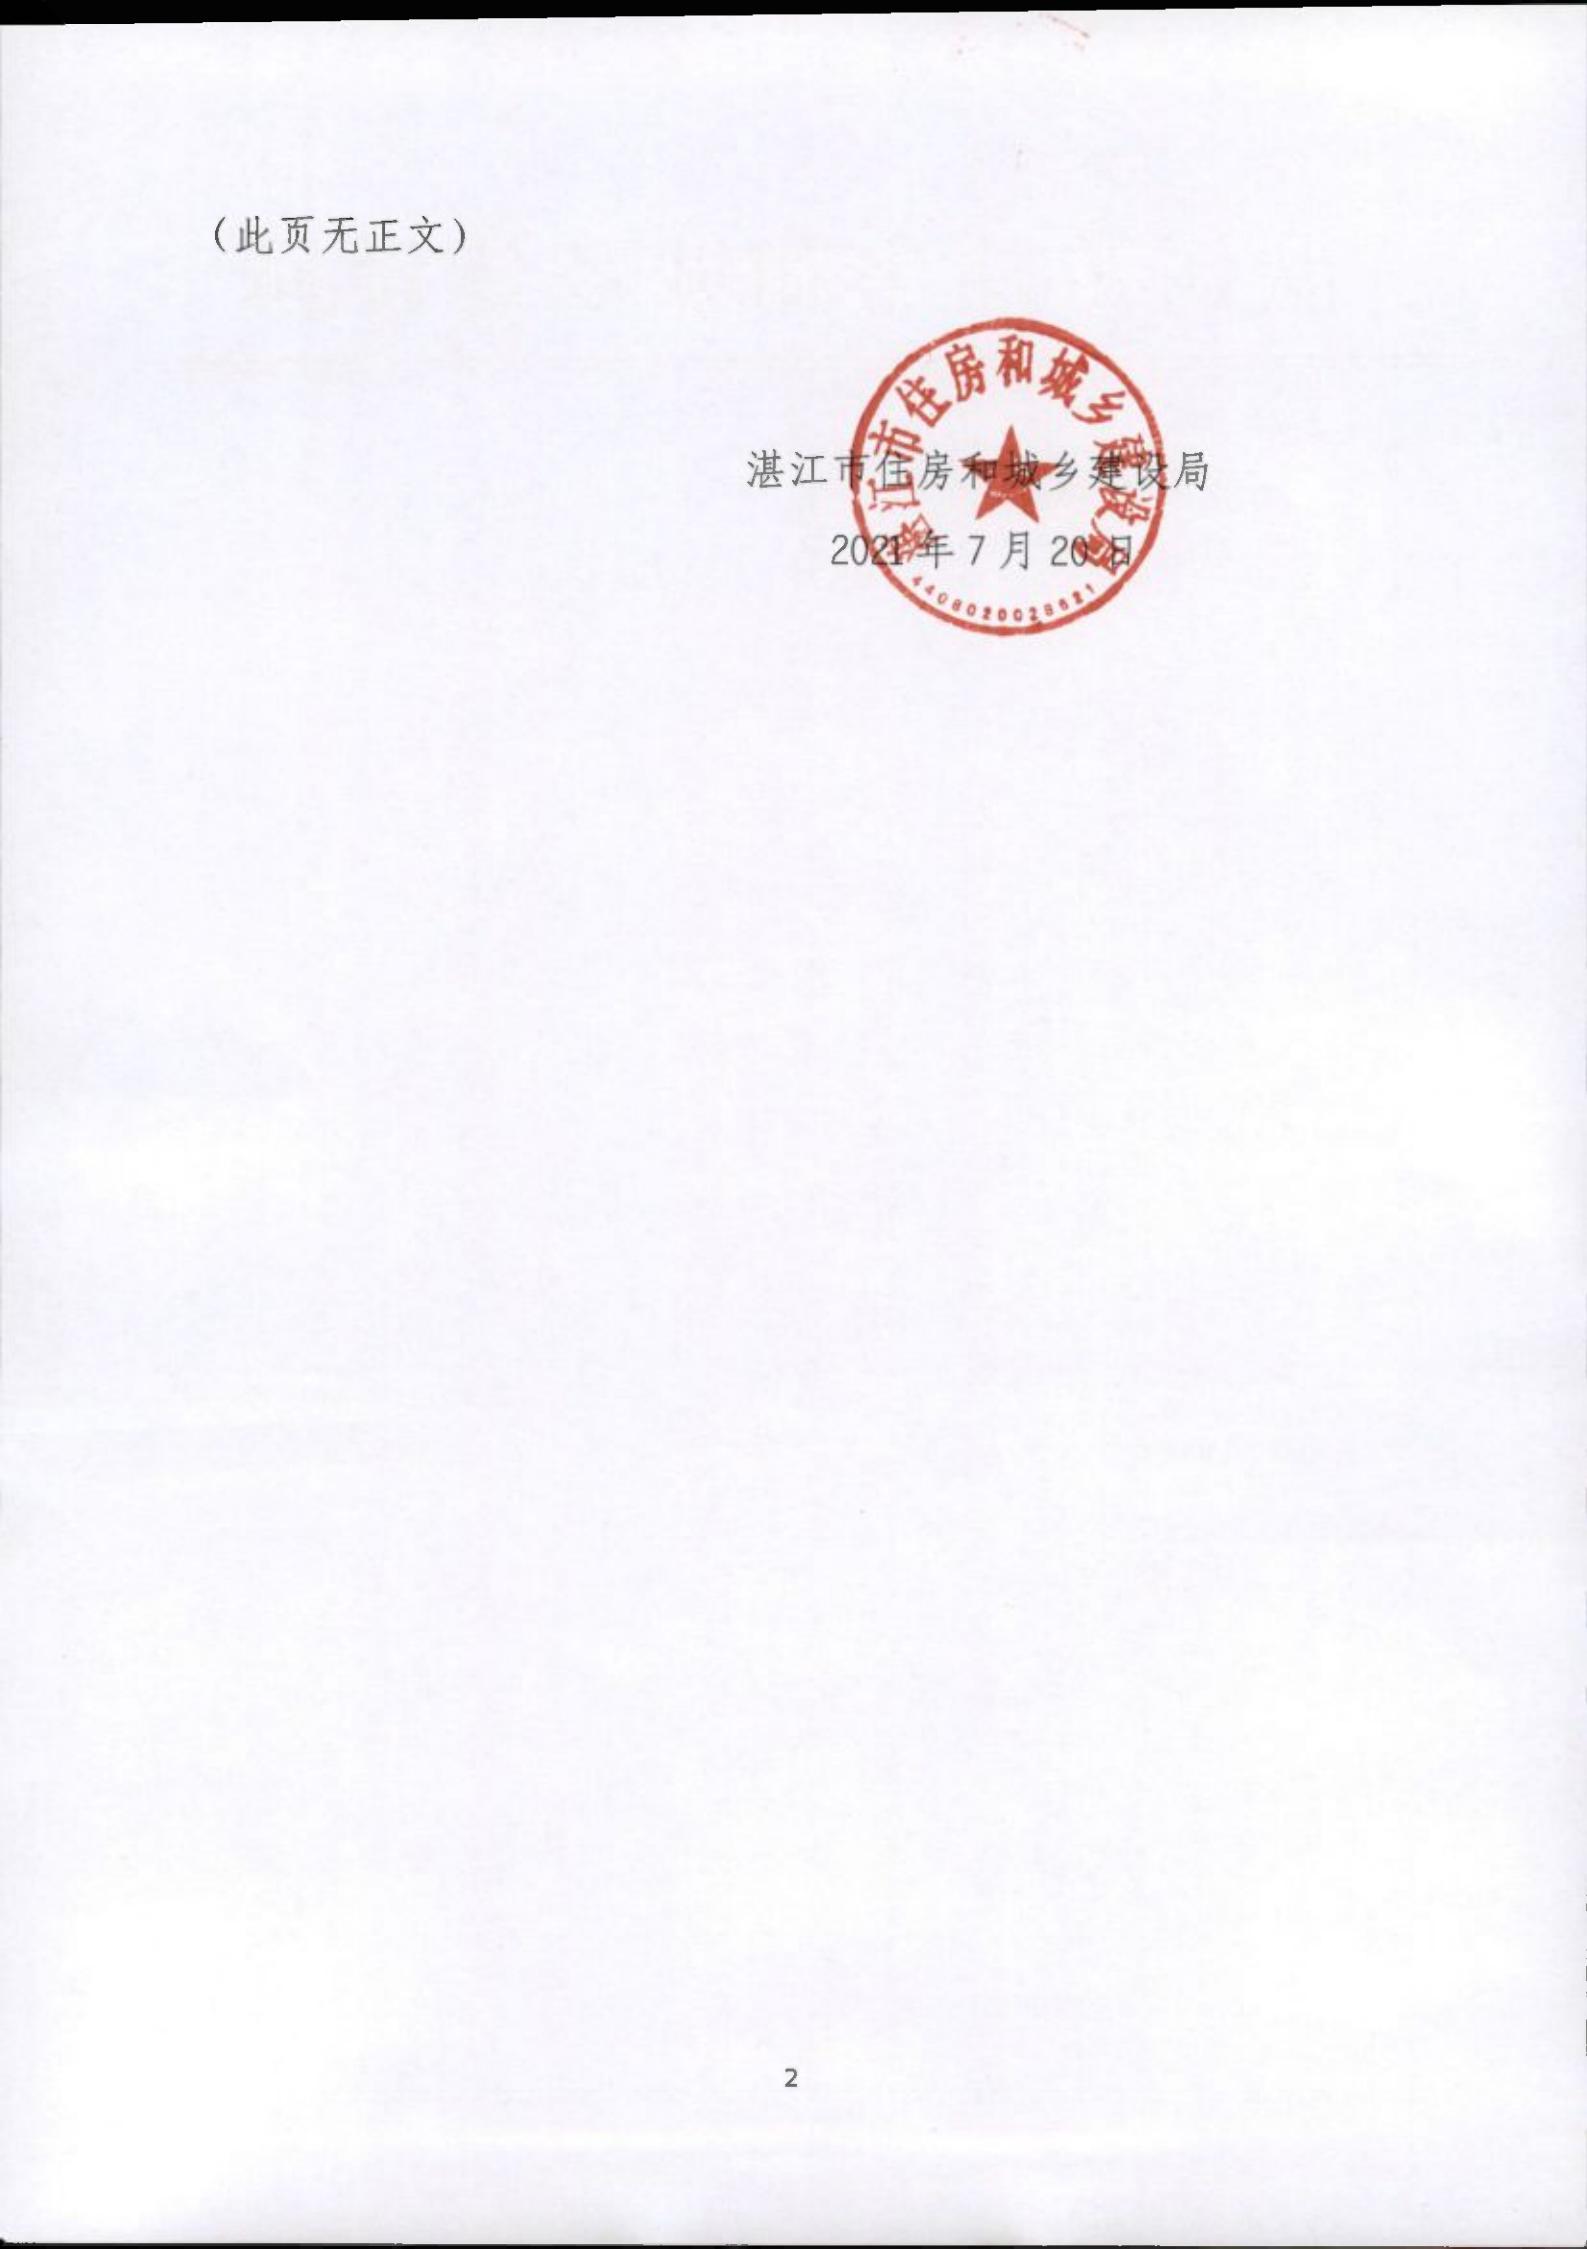 湛江市住建局《关于成立物业服务行业专业技术委员会的建议函》